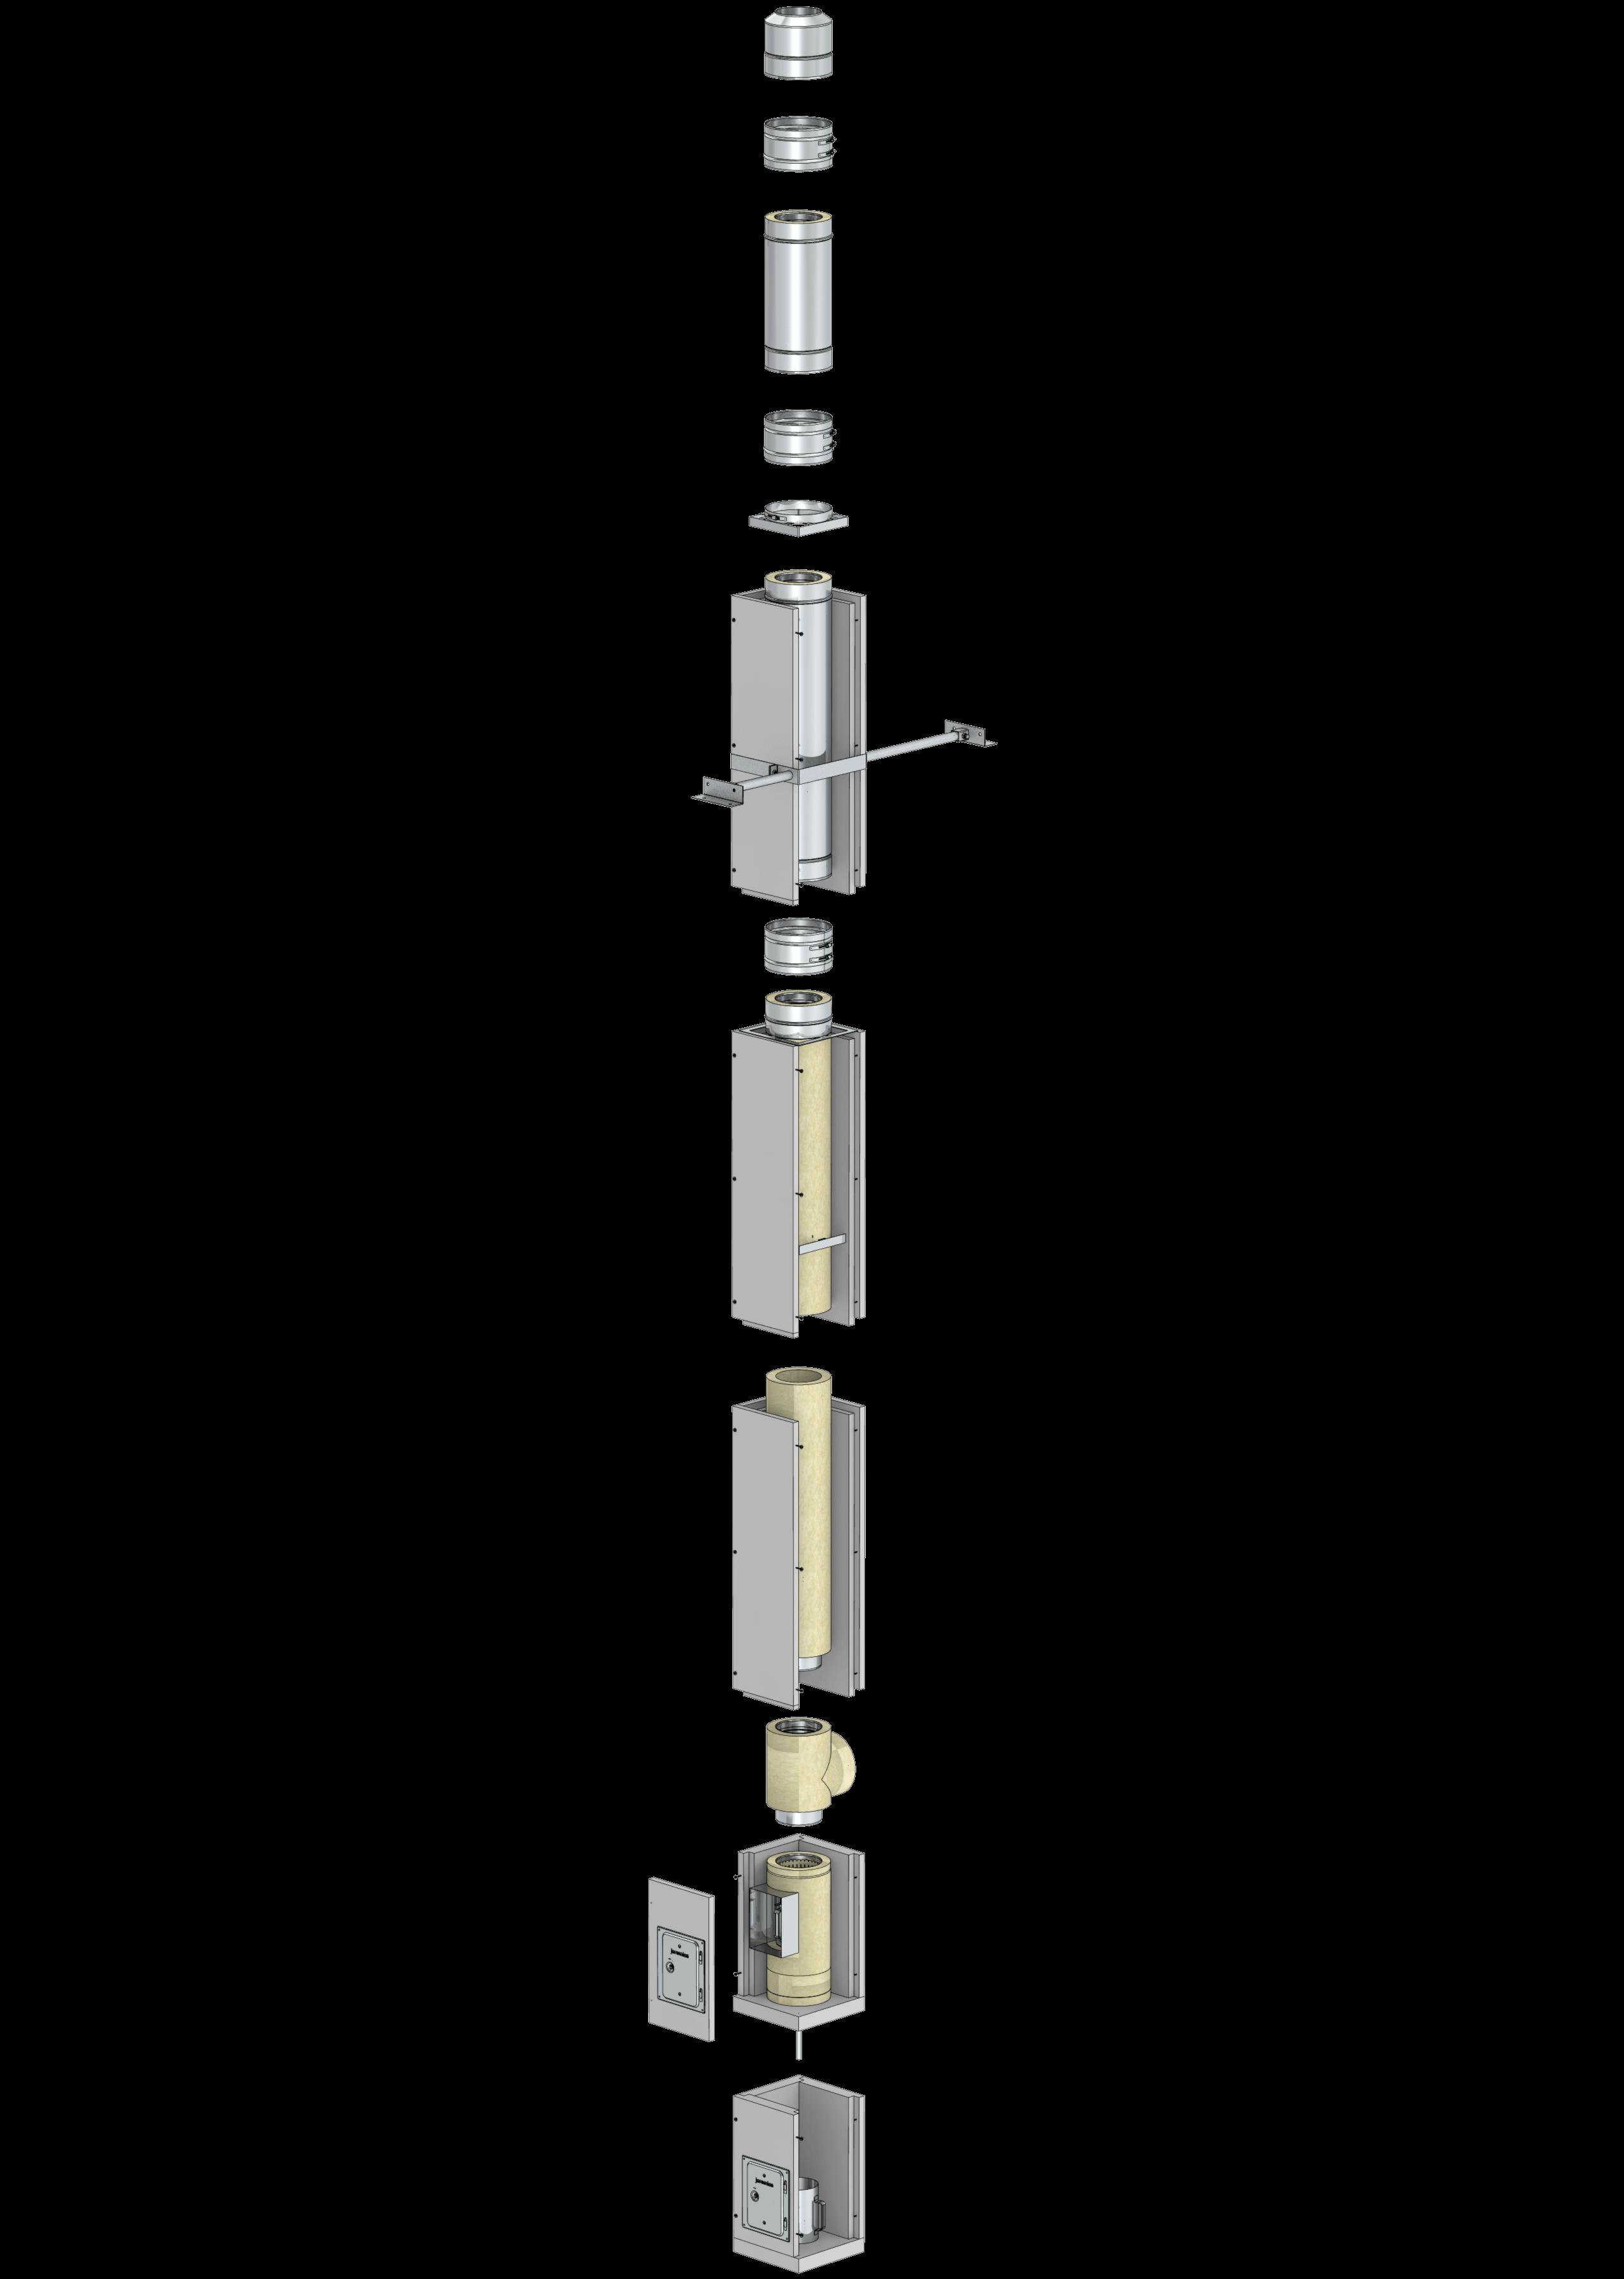 Leichtbauschornstein F90-Bausatz Wohnzimmervariante mit Innenrohrdurchmesser 200 mm – Tecnovis